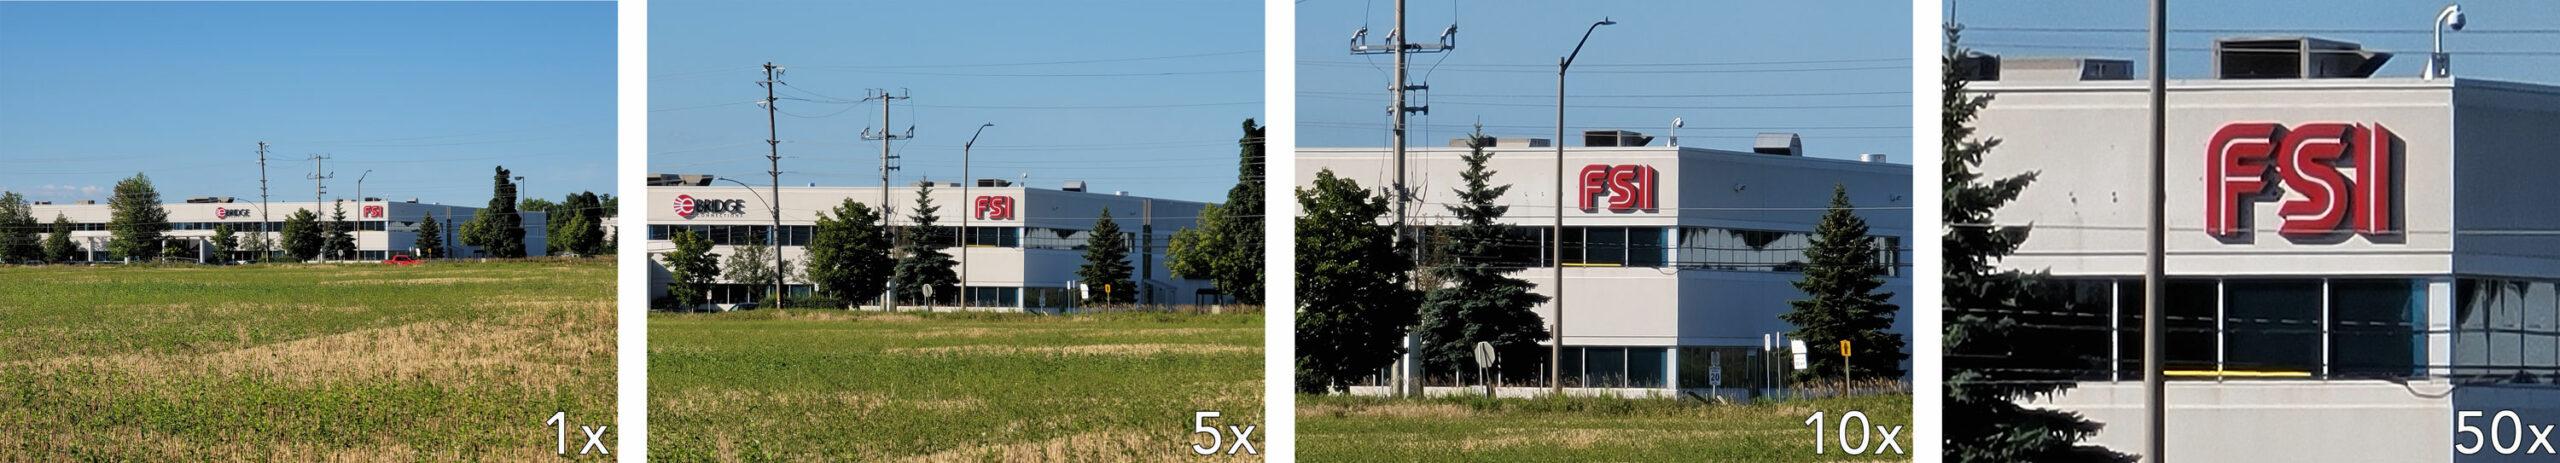 Note 20 zoom comparison